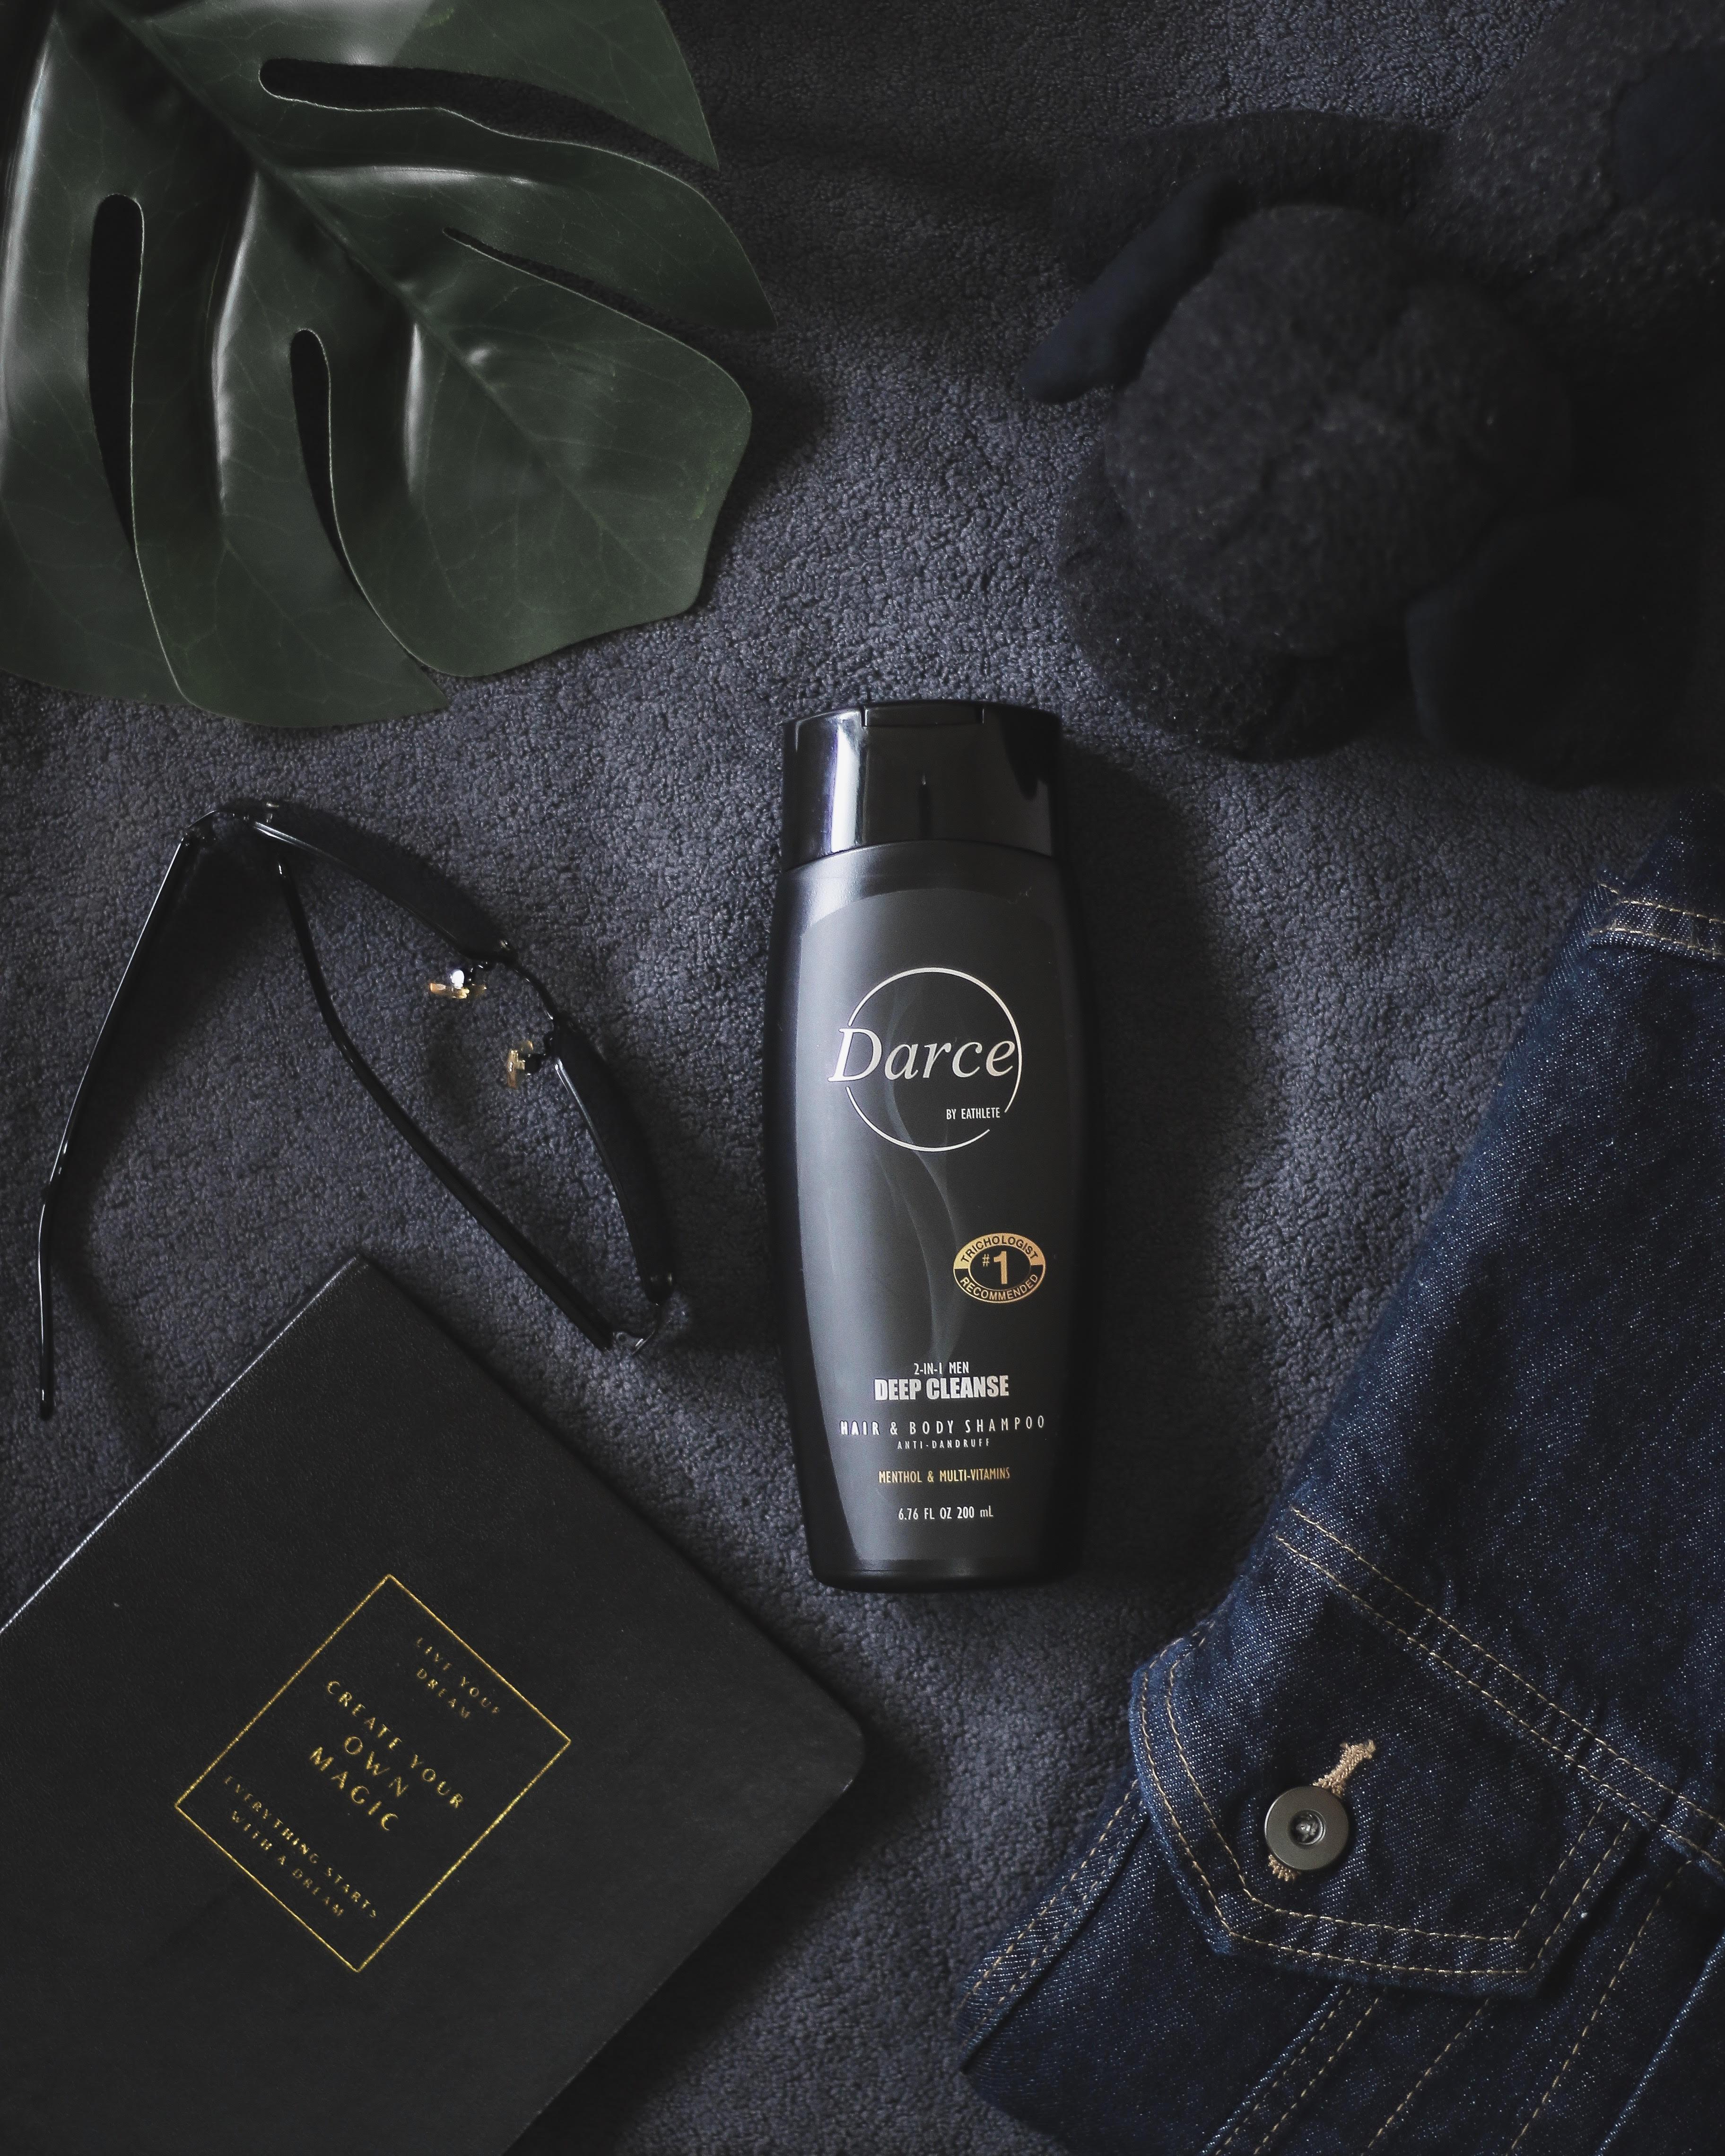 DARCE Men 2-in-1 Anti-Bacteria Shower Gel Anti-Dandruff Cooling Menthol ad Multi-Vitamin Hair and Body Wash 200ml